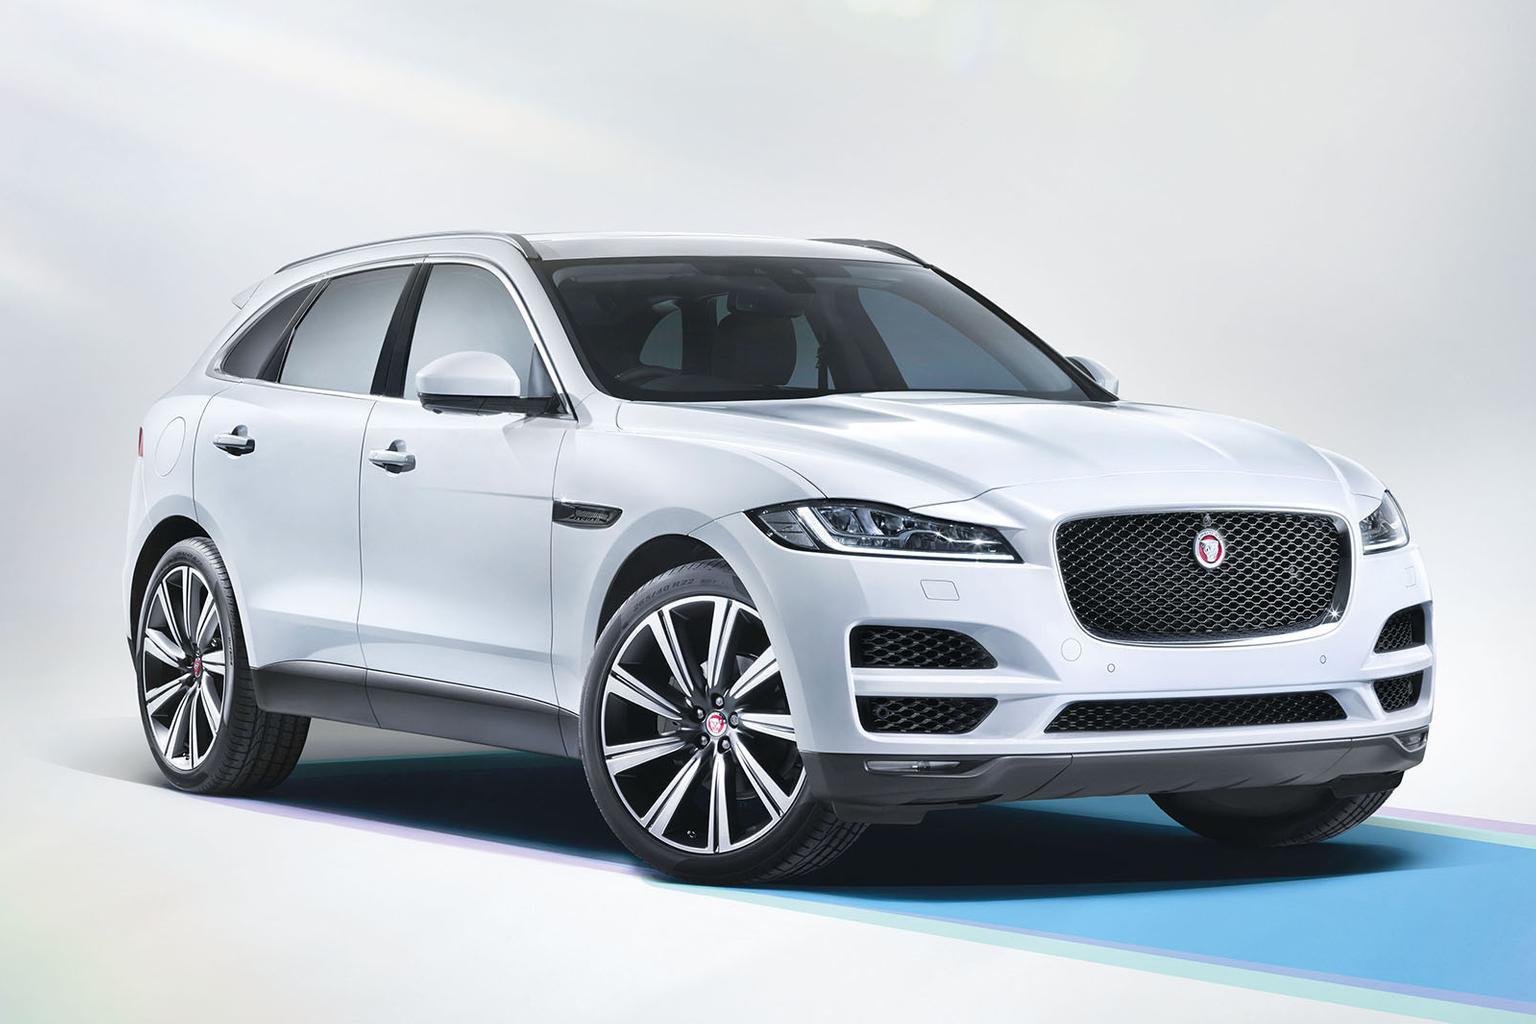 2015 Jaguar F-Pace revealed at Frankfurt motor show